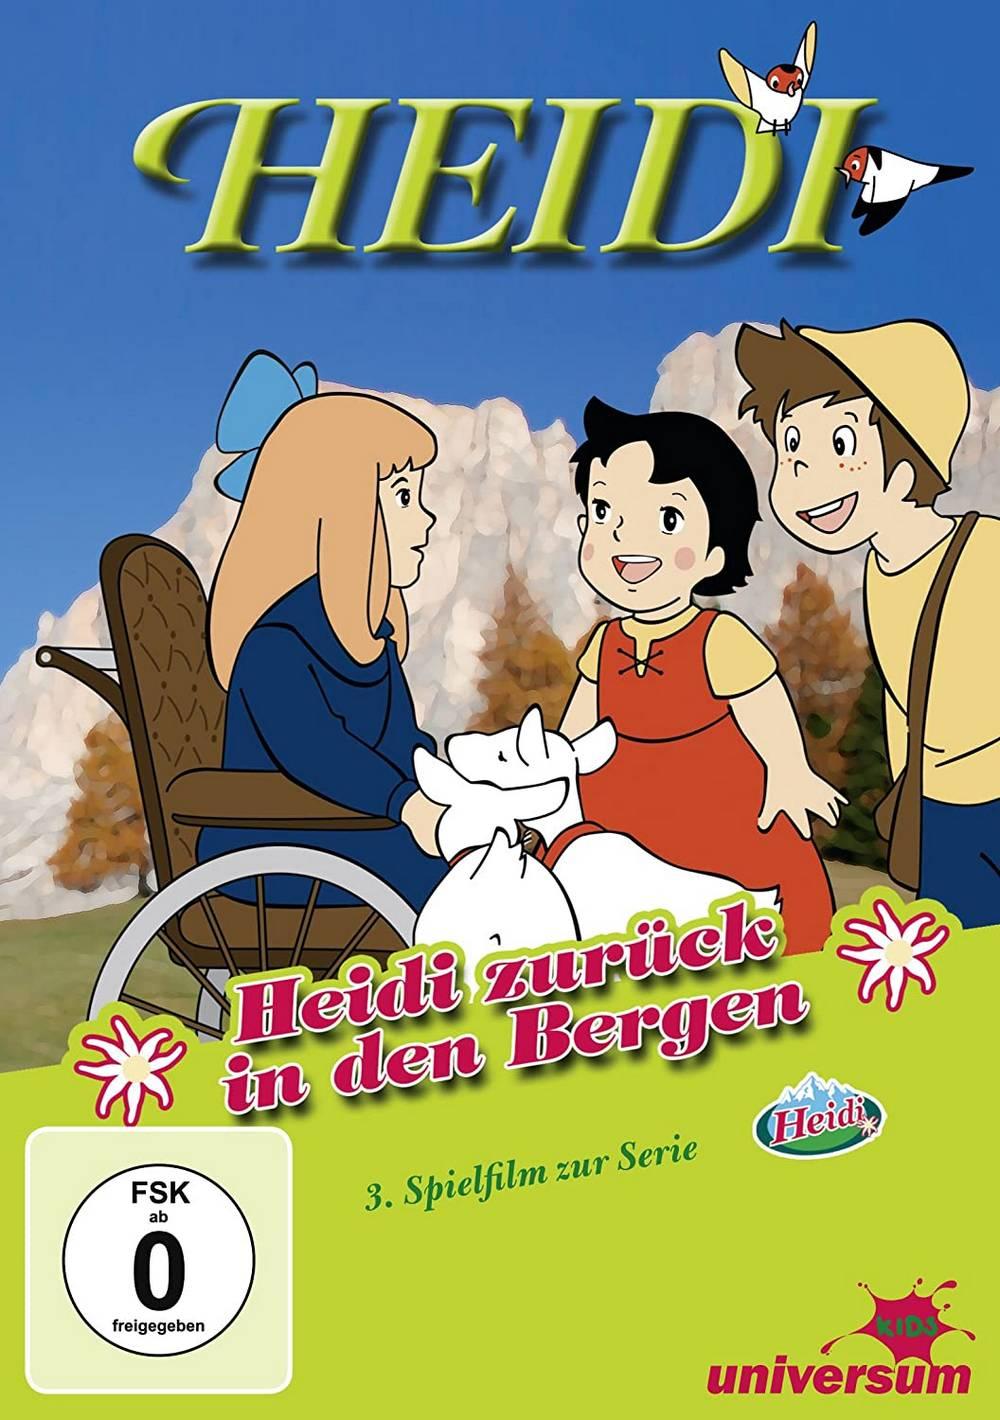 Heidi die wilden Fickerein auf der Alm